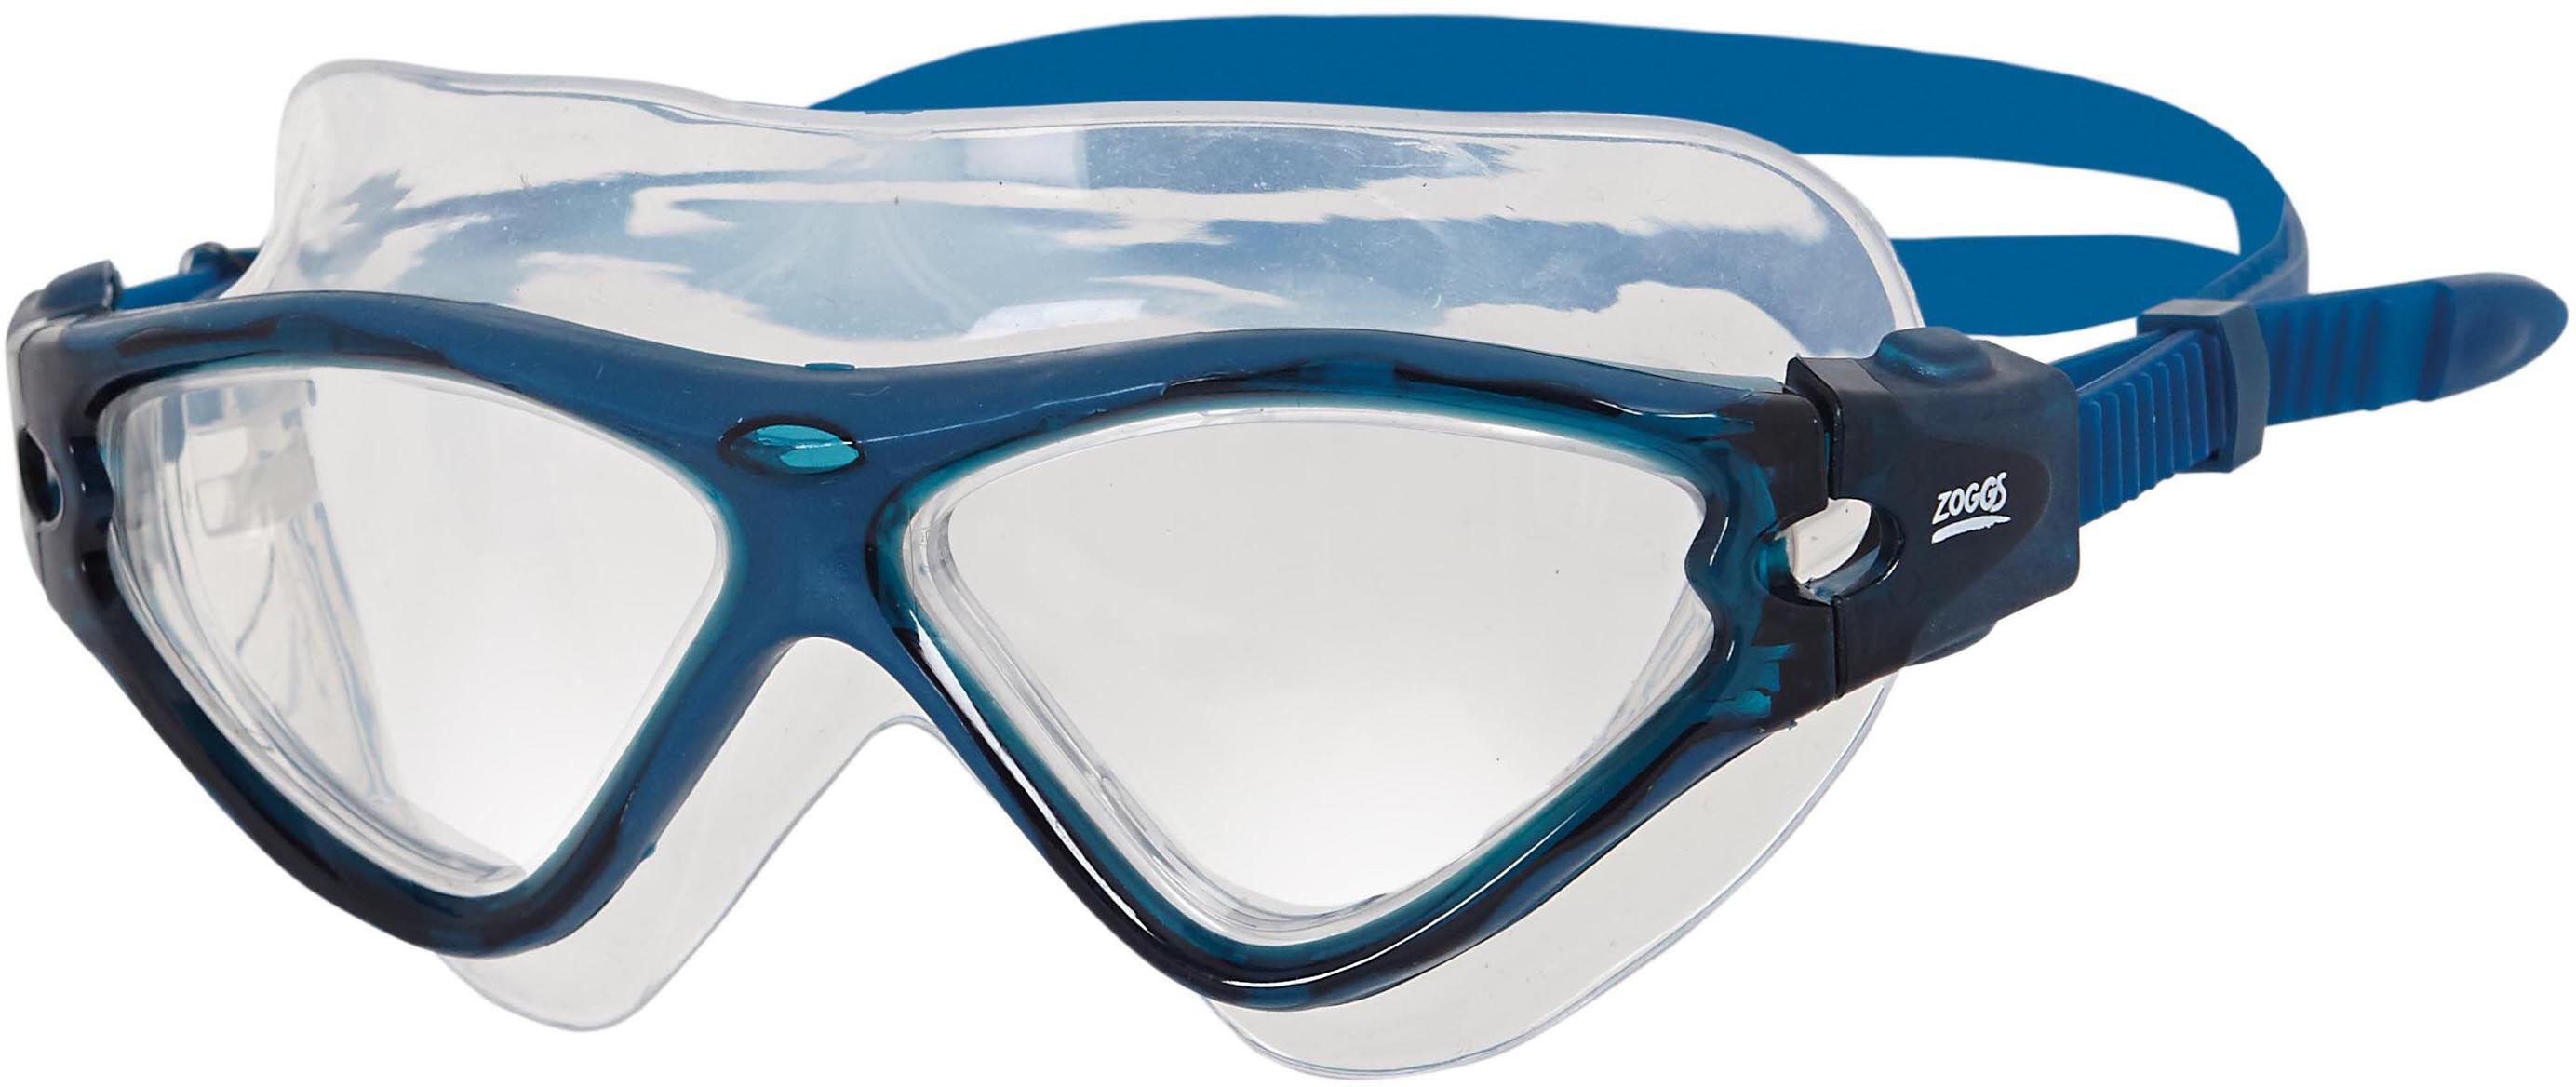 eff0a57edd9 Zoggs Tri-Vision Svømmebriller Blå | Gode tilbud hos bikester.no